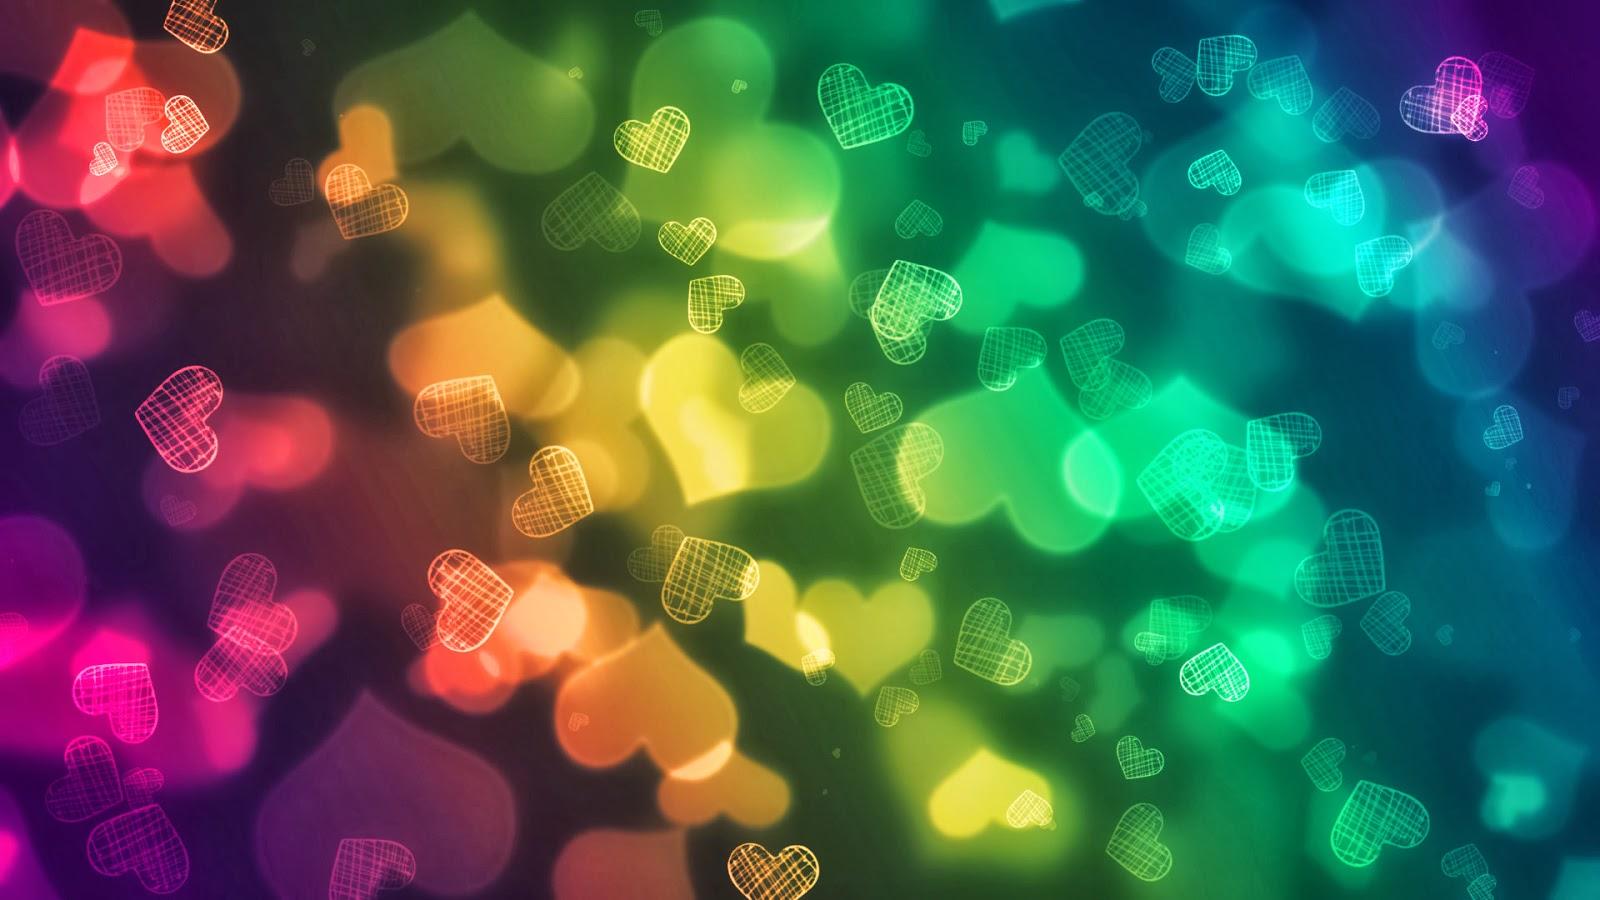 Fondos Abstractos De Colores: Imagenes Hilandy: Fondo De Pantalla Abstracto Corazones De